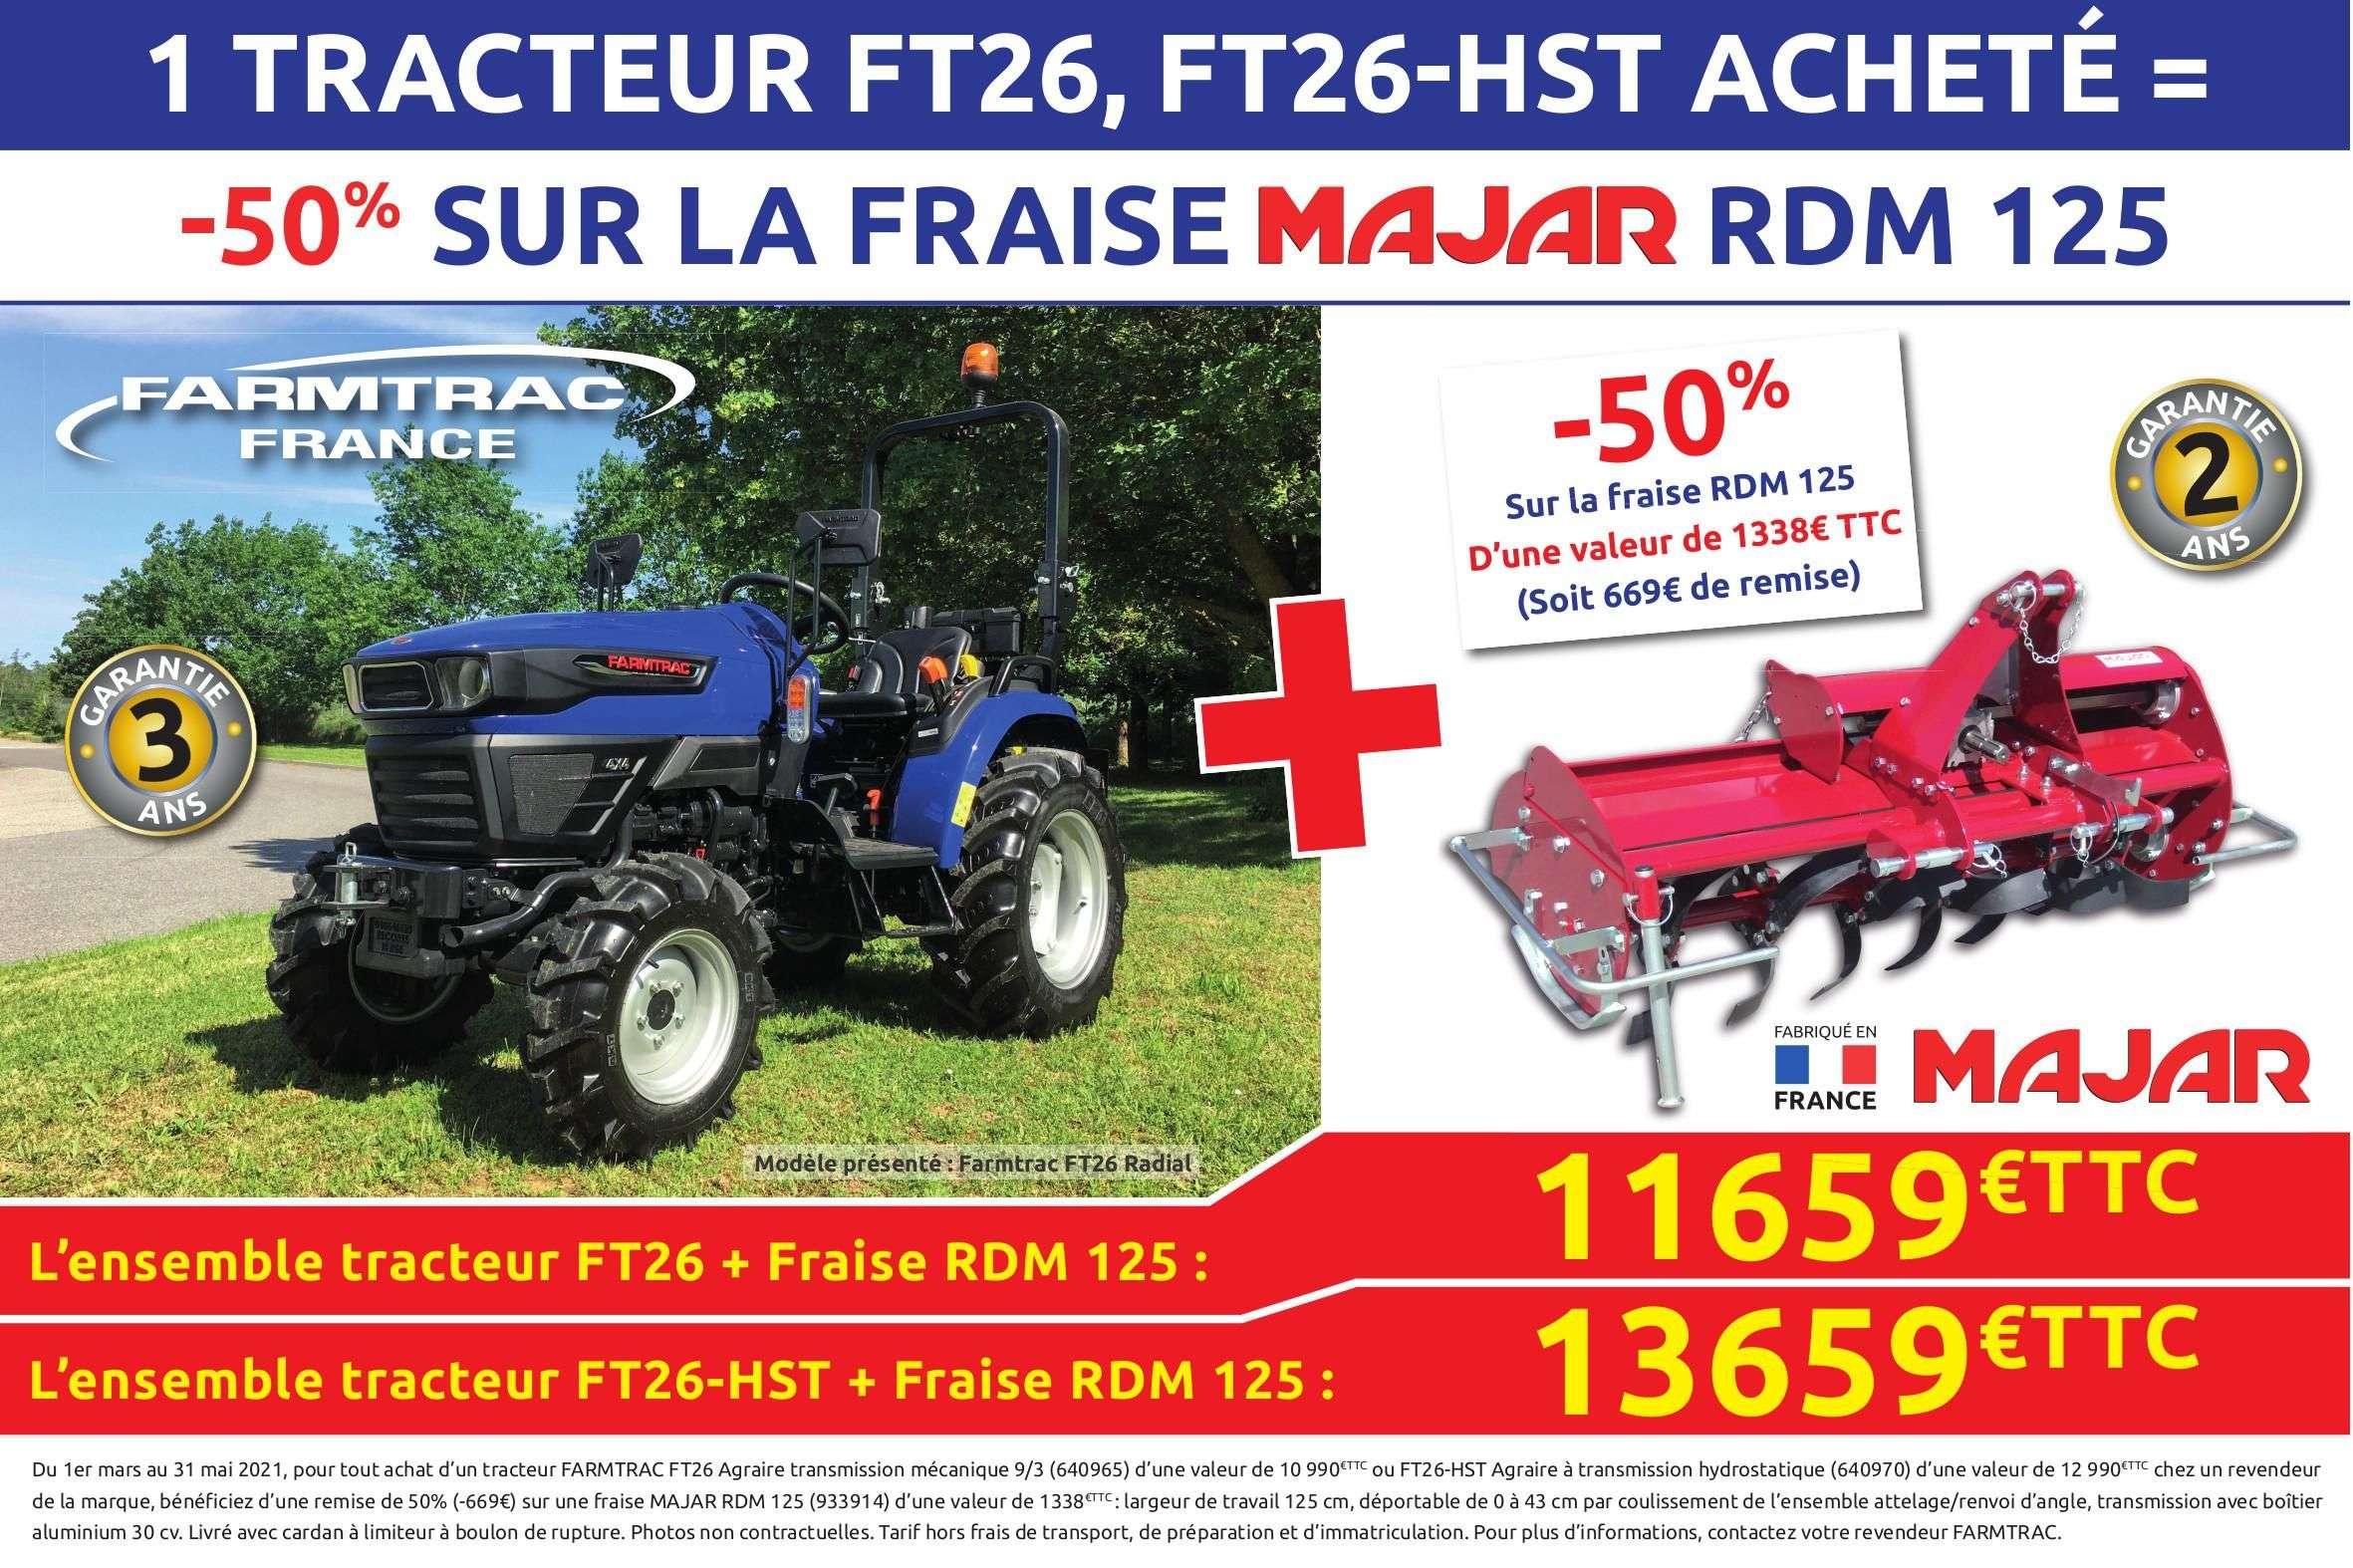 Tracteur Farmtrac